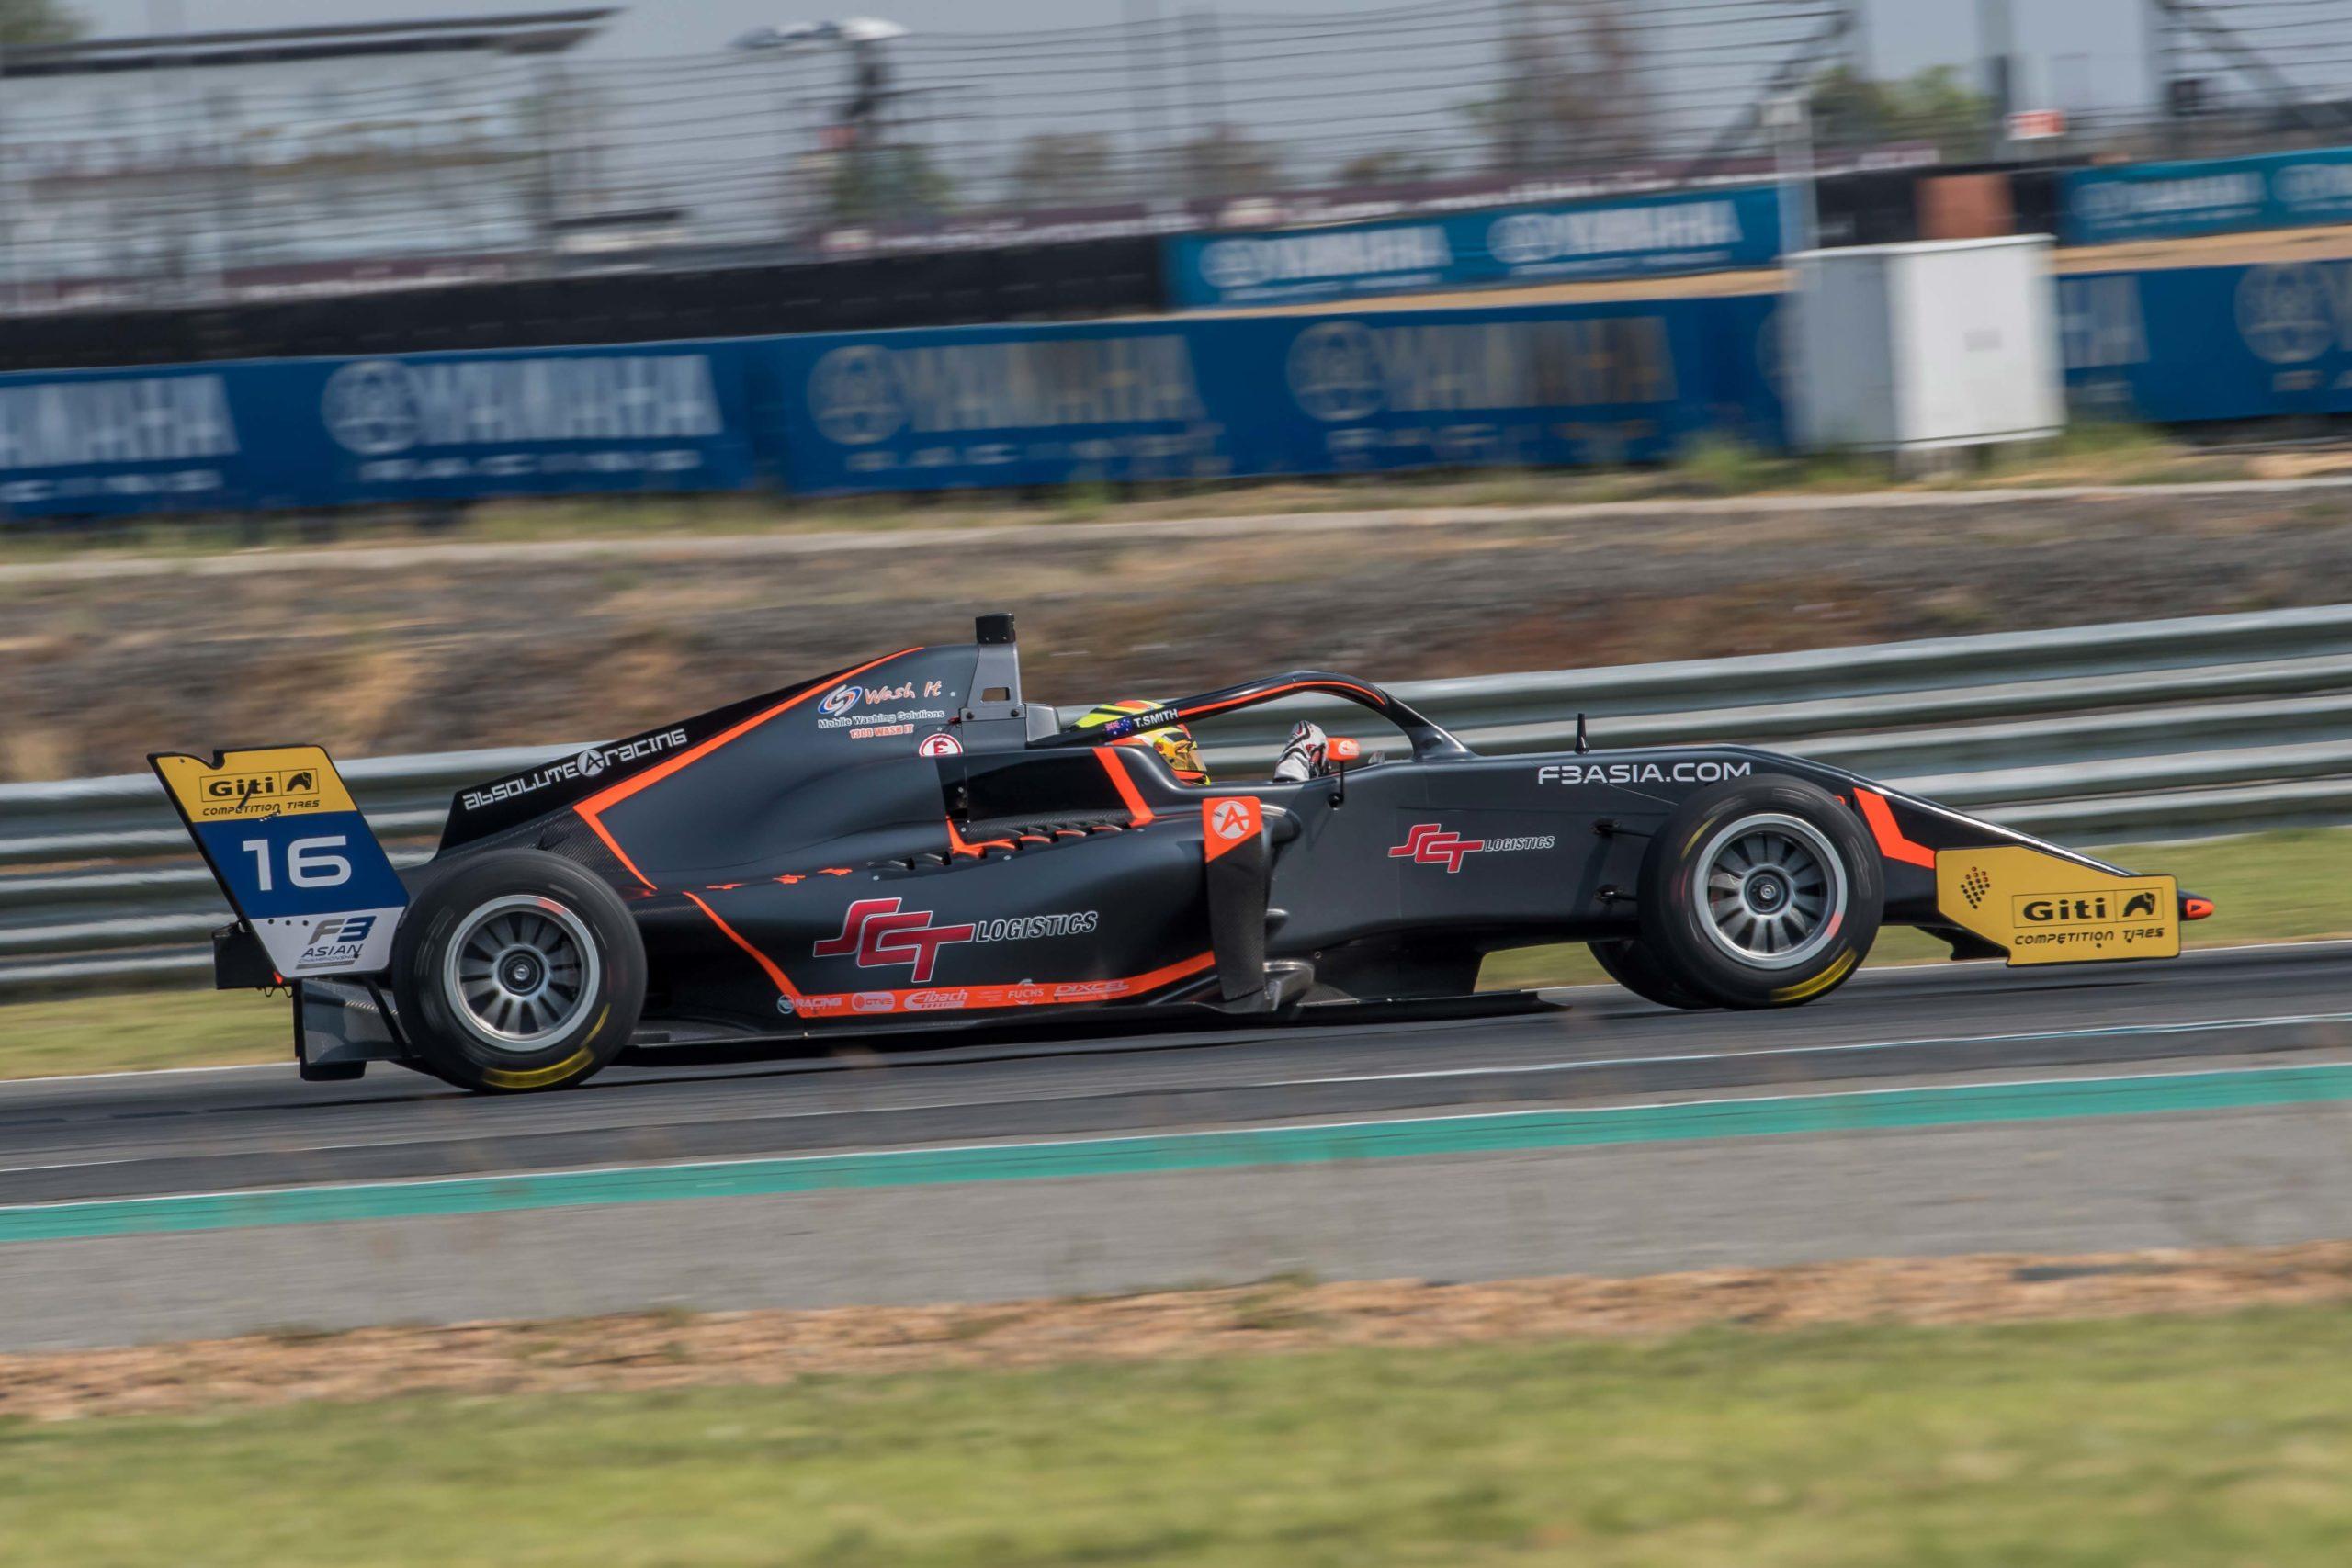 Formule 3 2020 - Jack Doohan